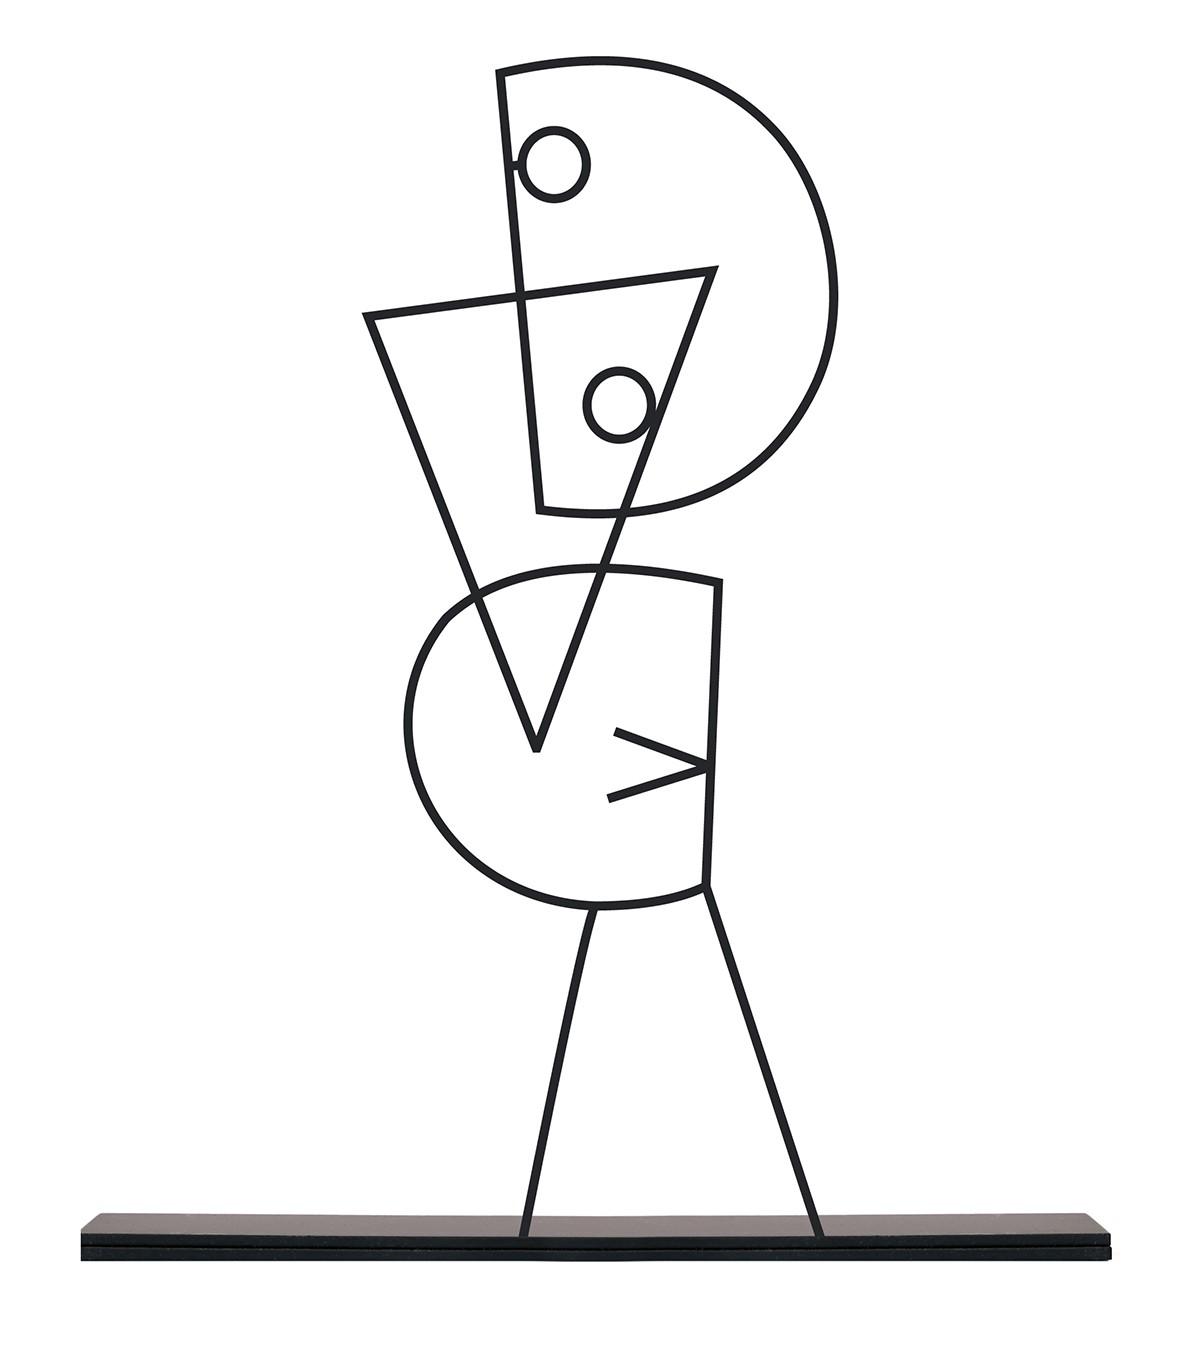 خرید انلاین مجسمه فلزی سبک مینیمال مدل ربات کد 7061